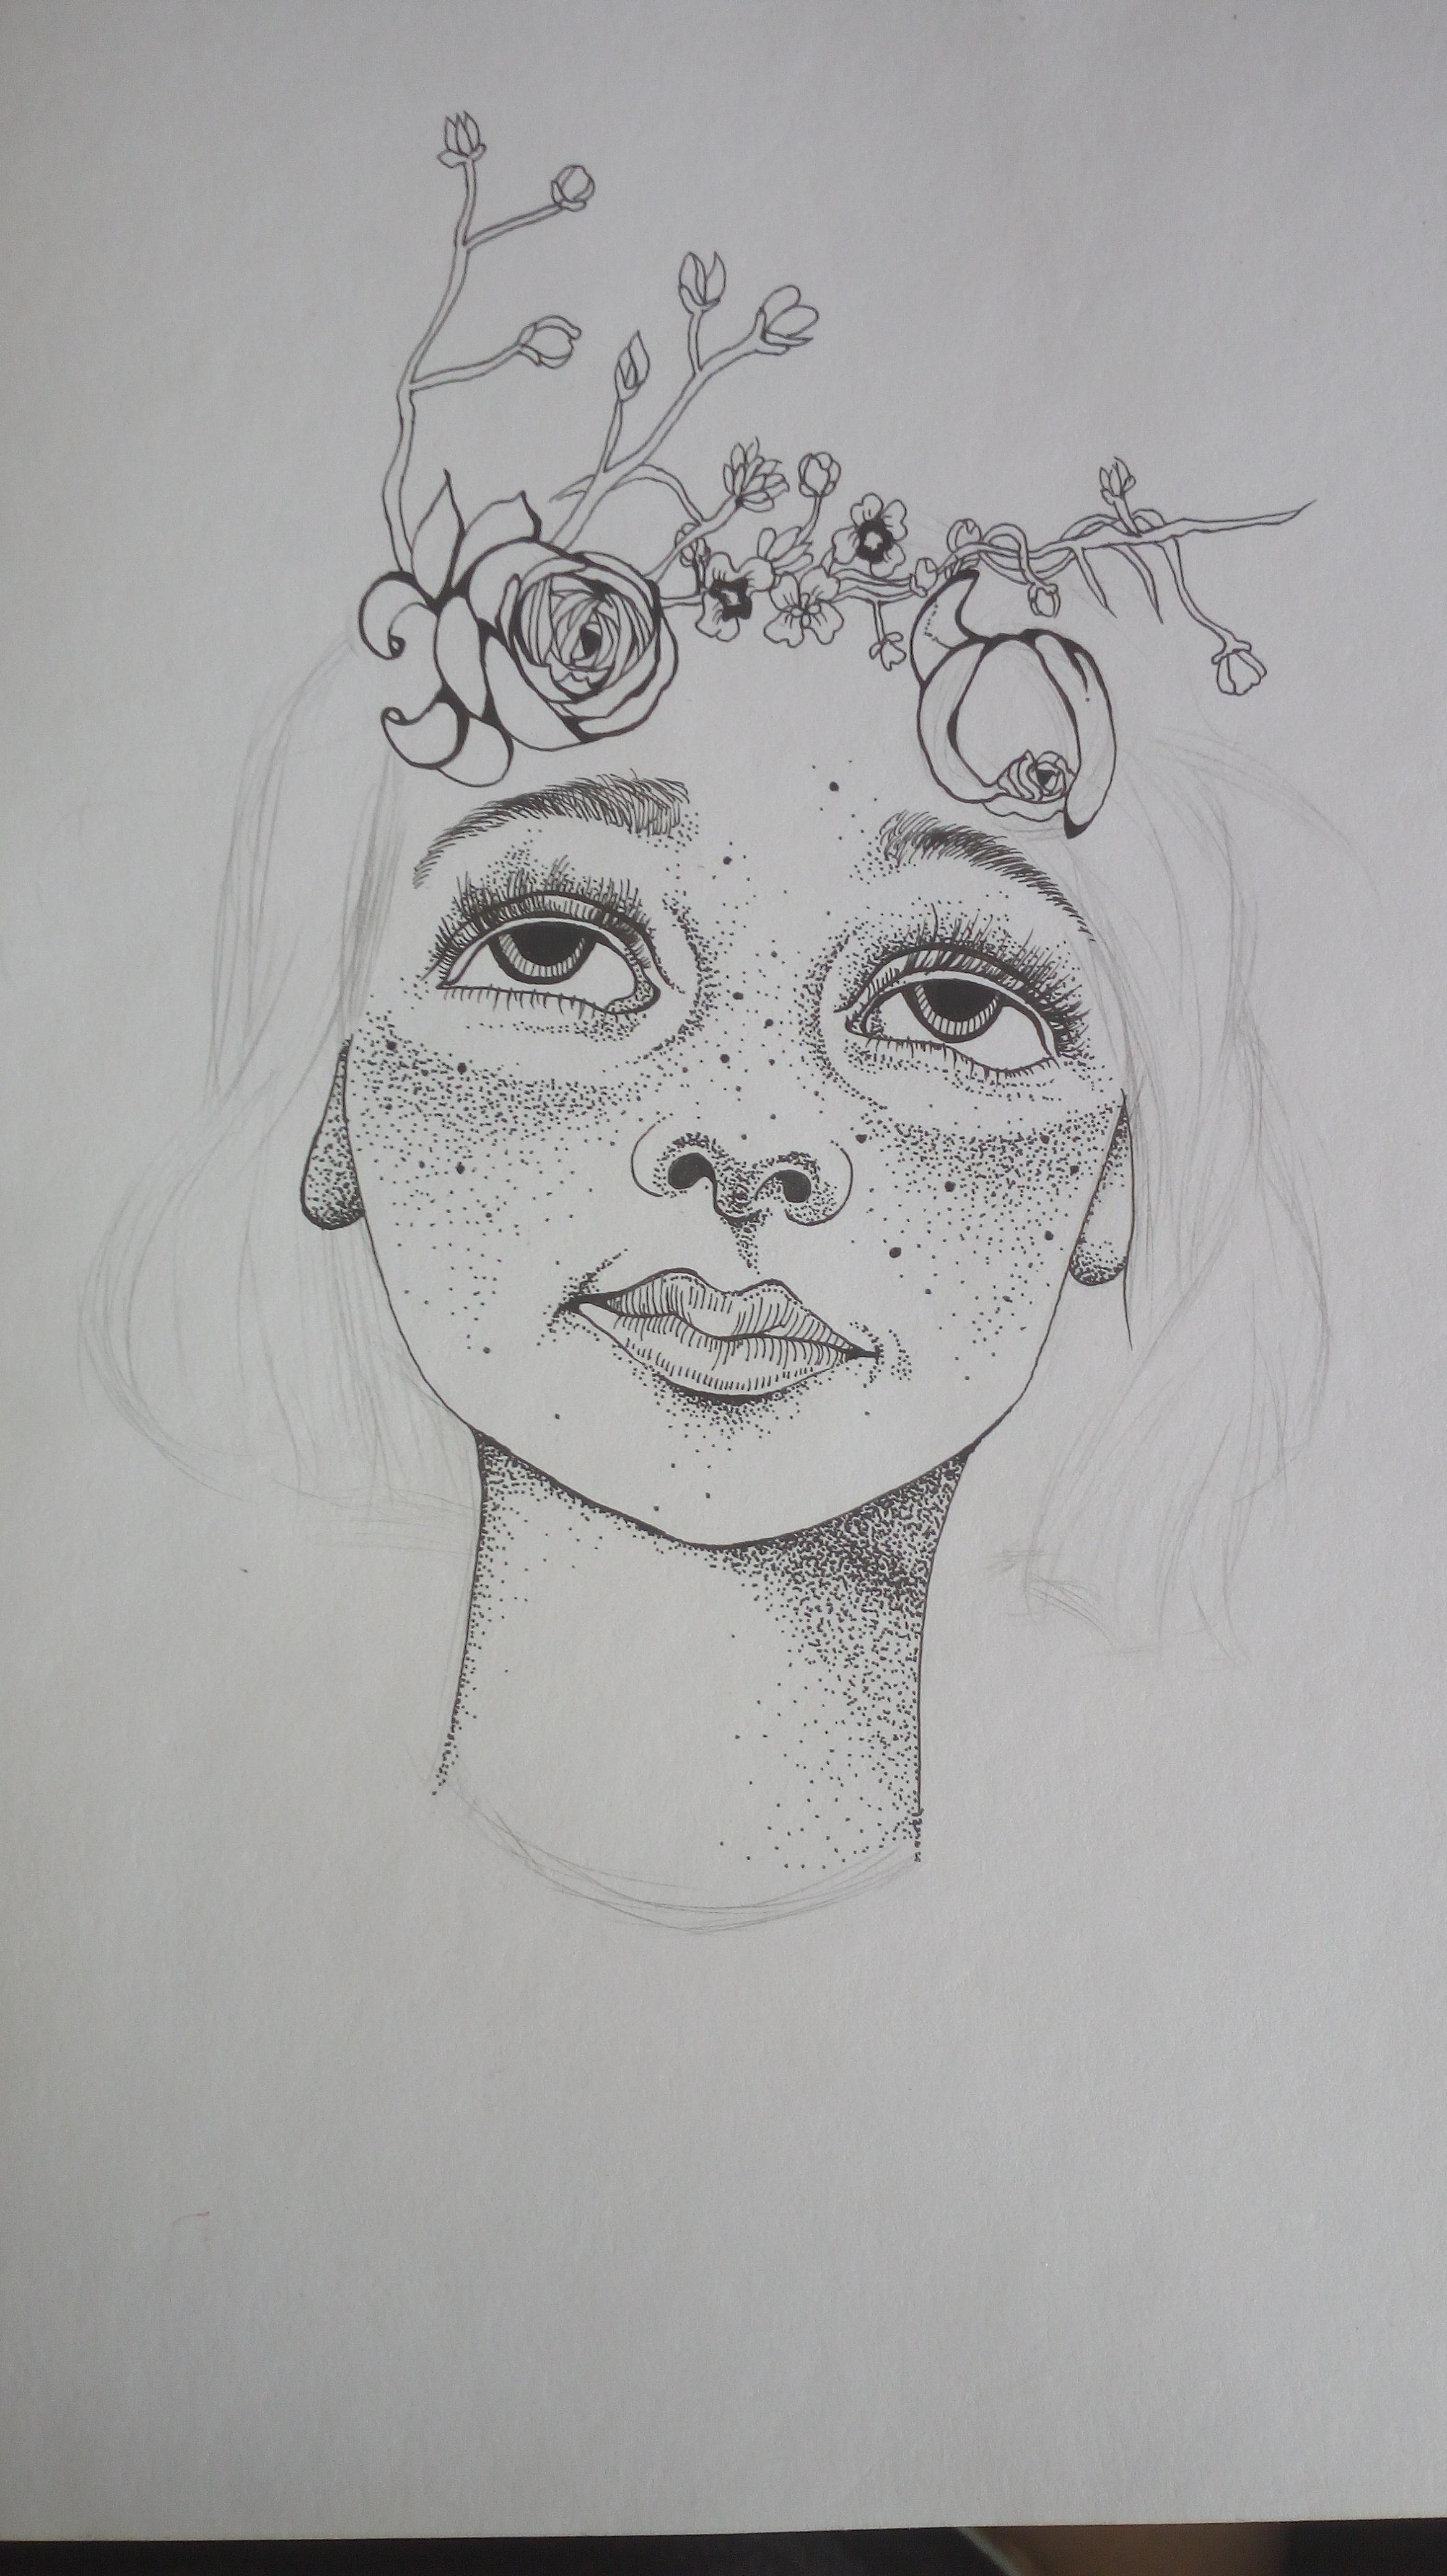 针管笔 手绘